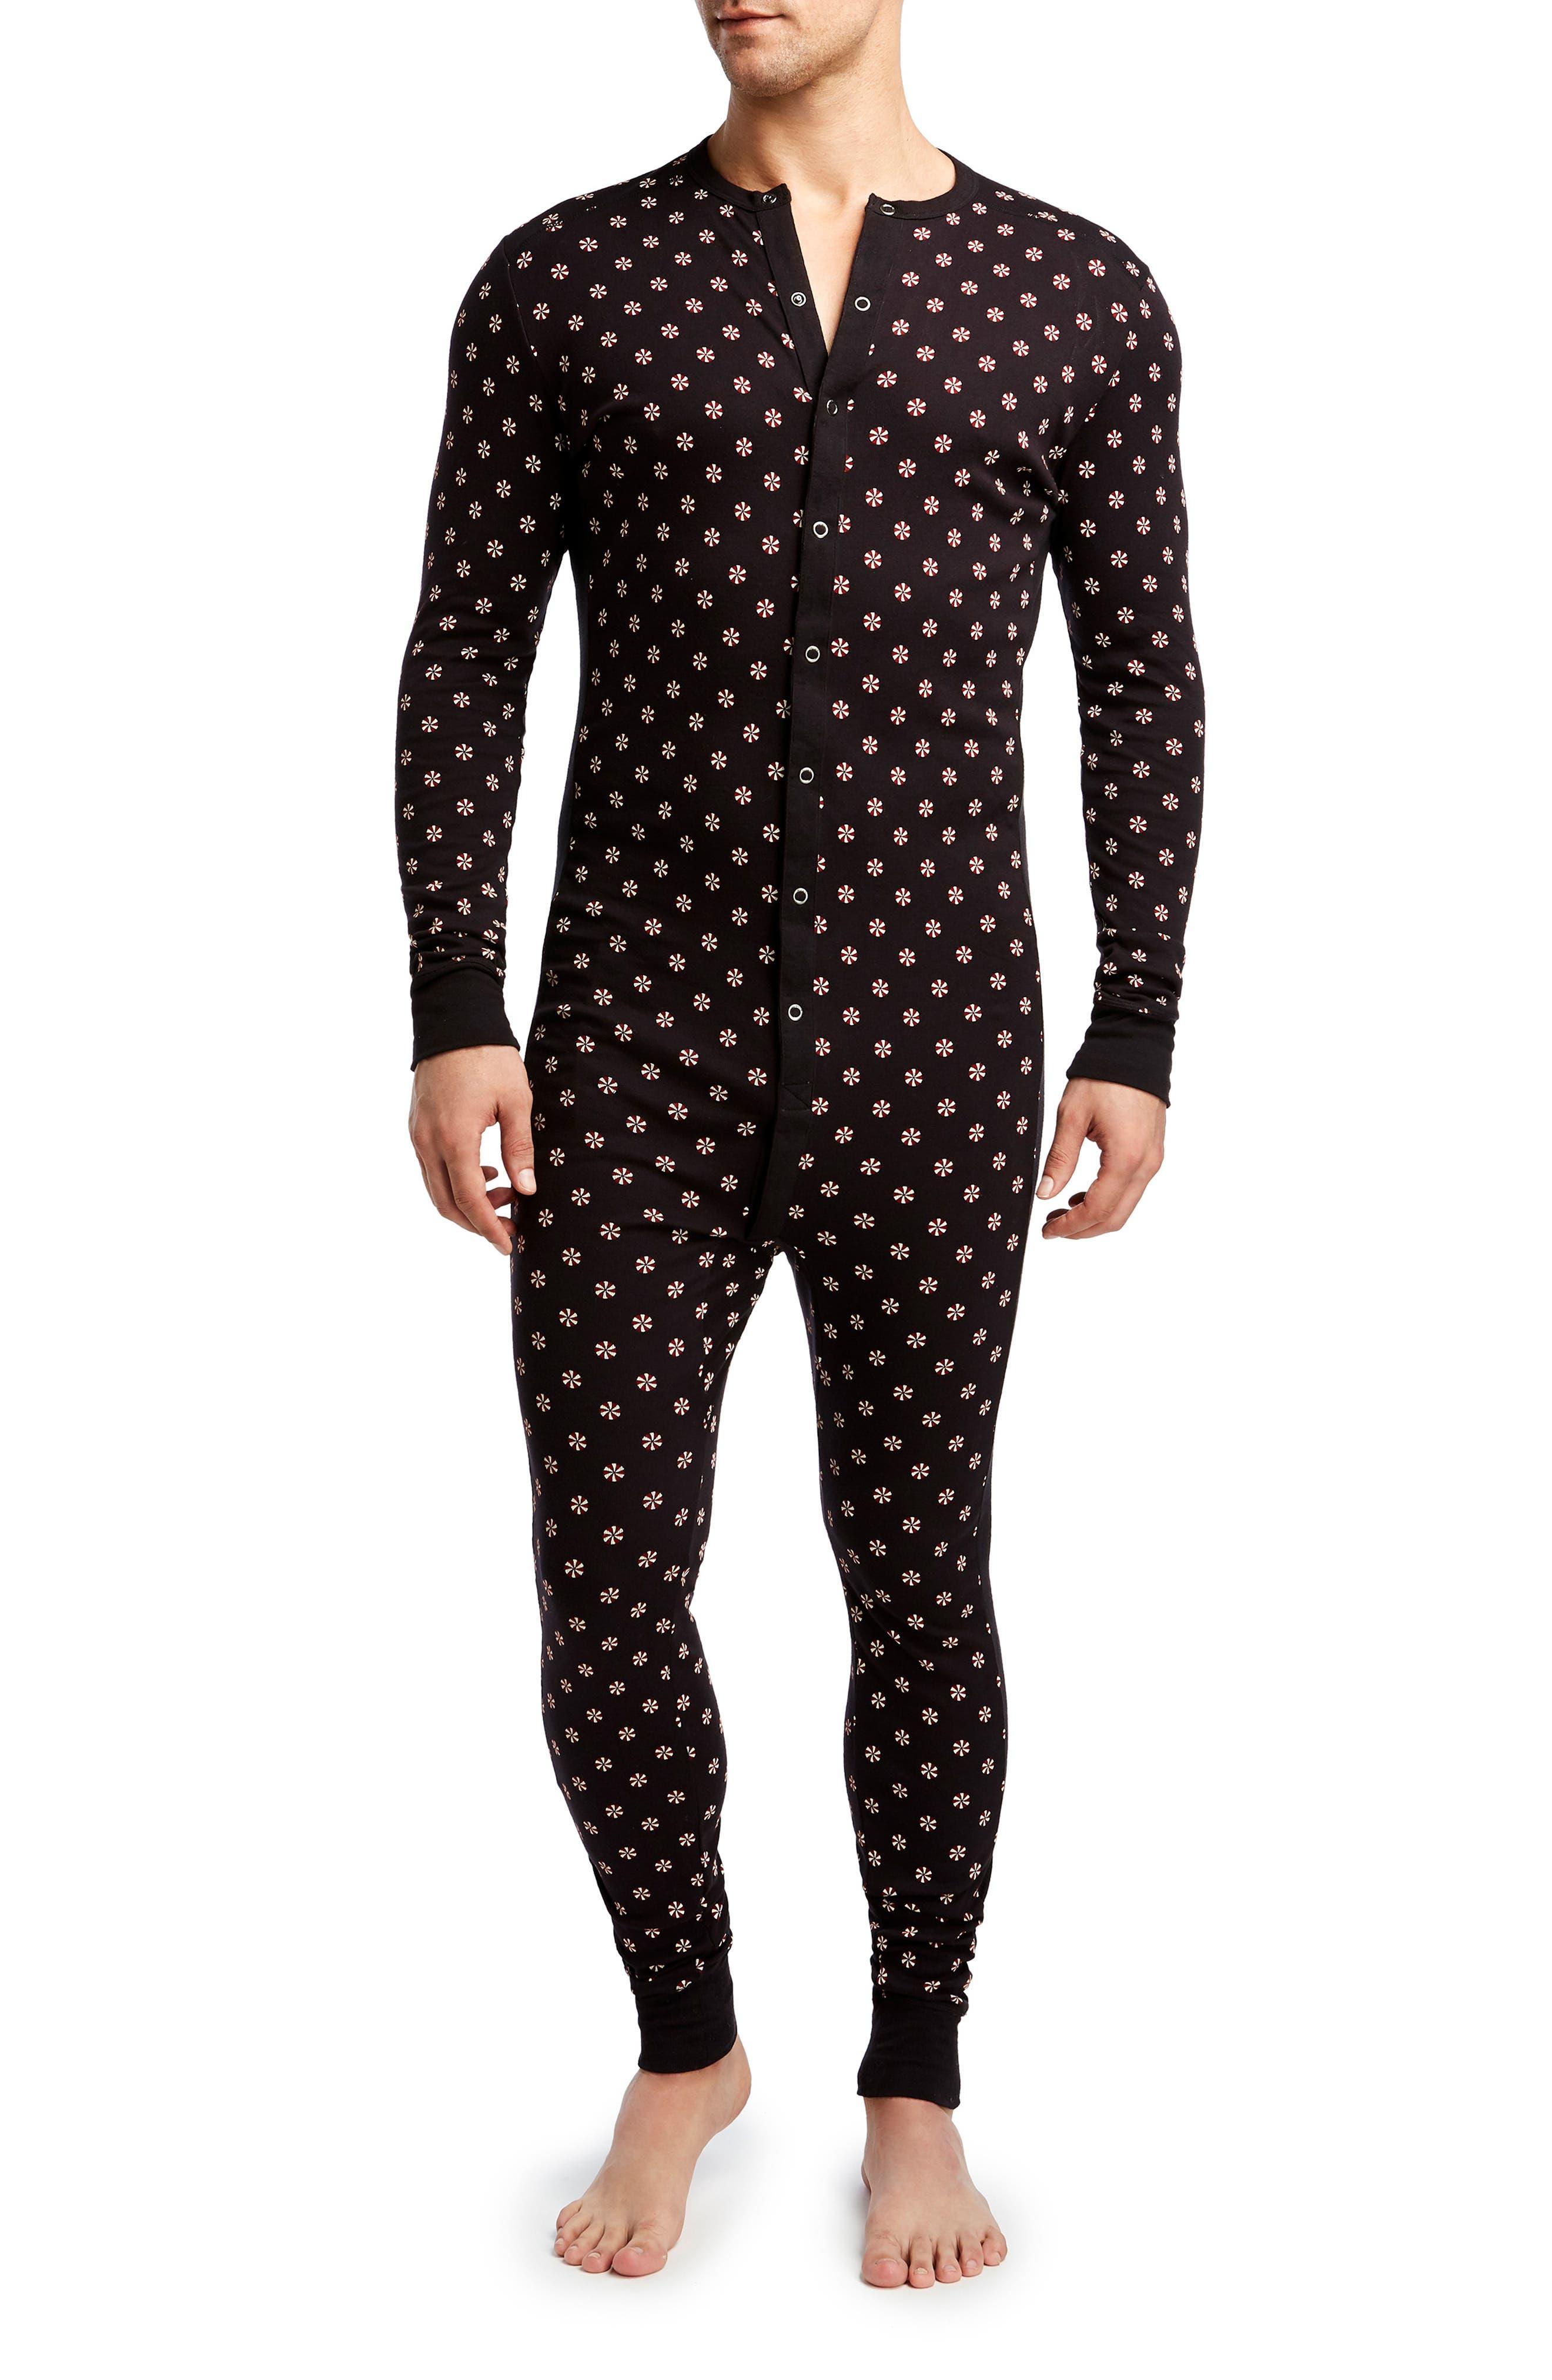 Union Suit,                         Main,                         color, CANDY PRINT BLACK